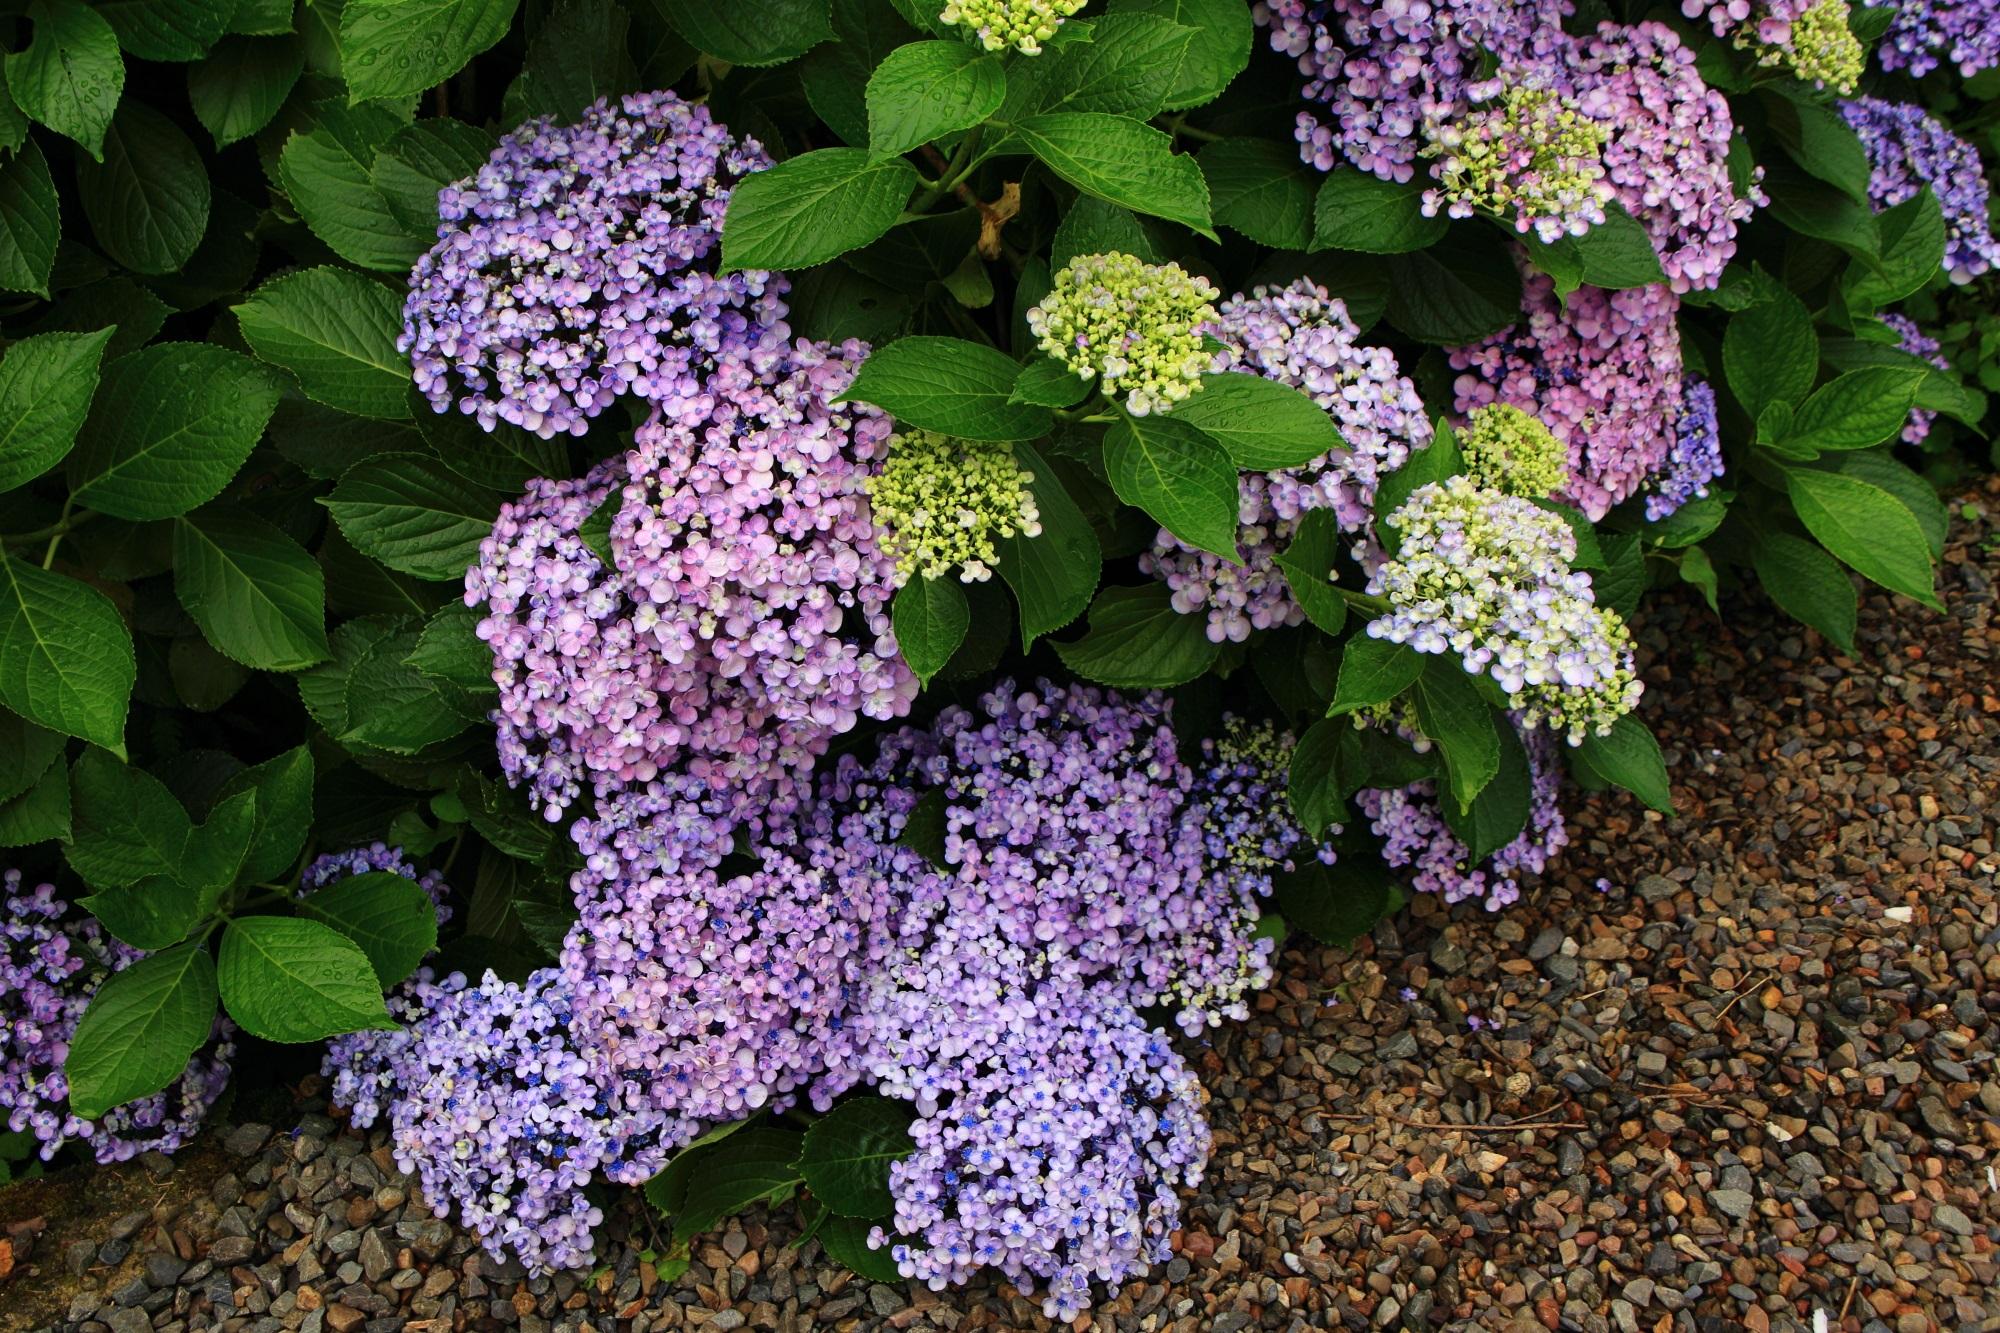 福知山の丹州観音寺の花が溢れ出しそうなお多福紫陽花(オタフクアジサイ)